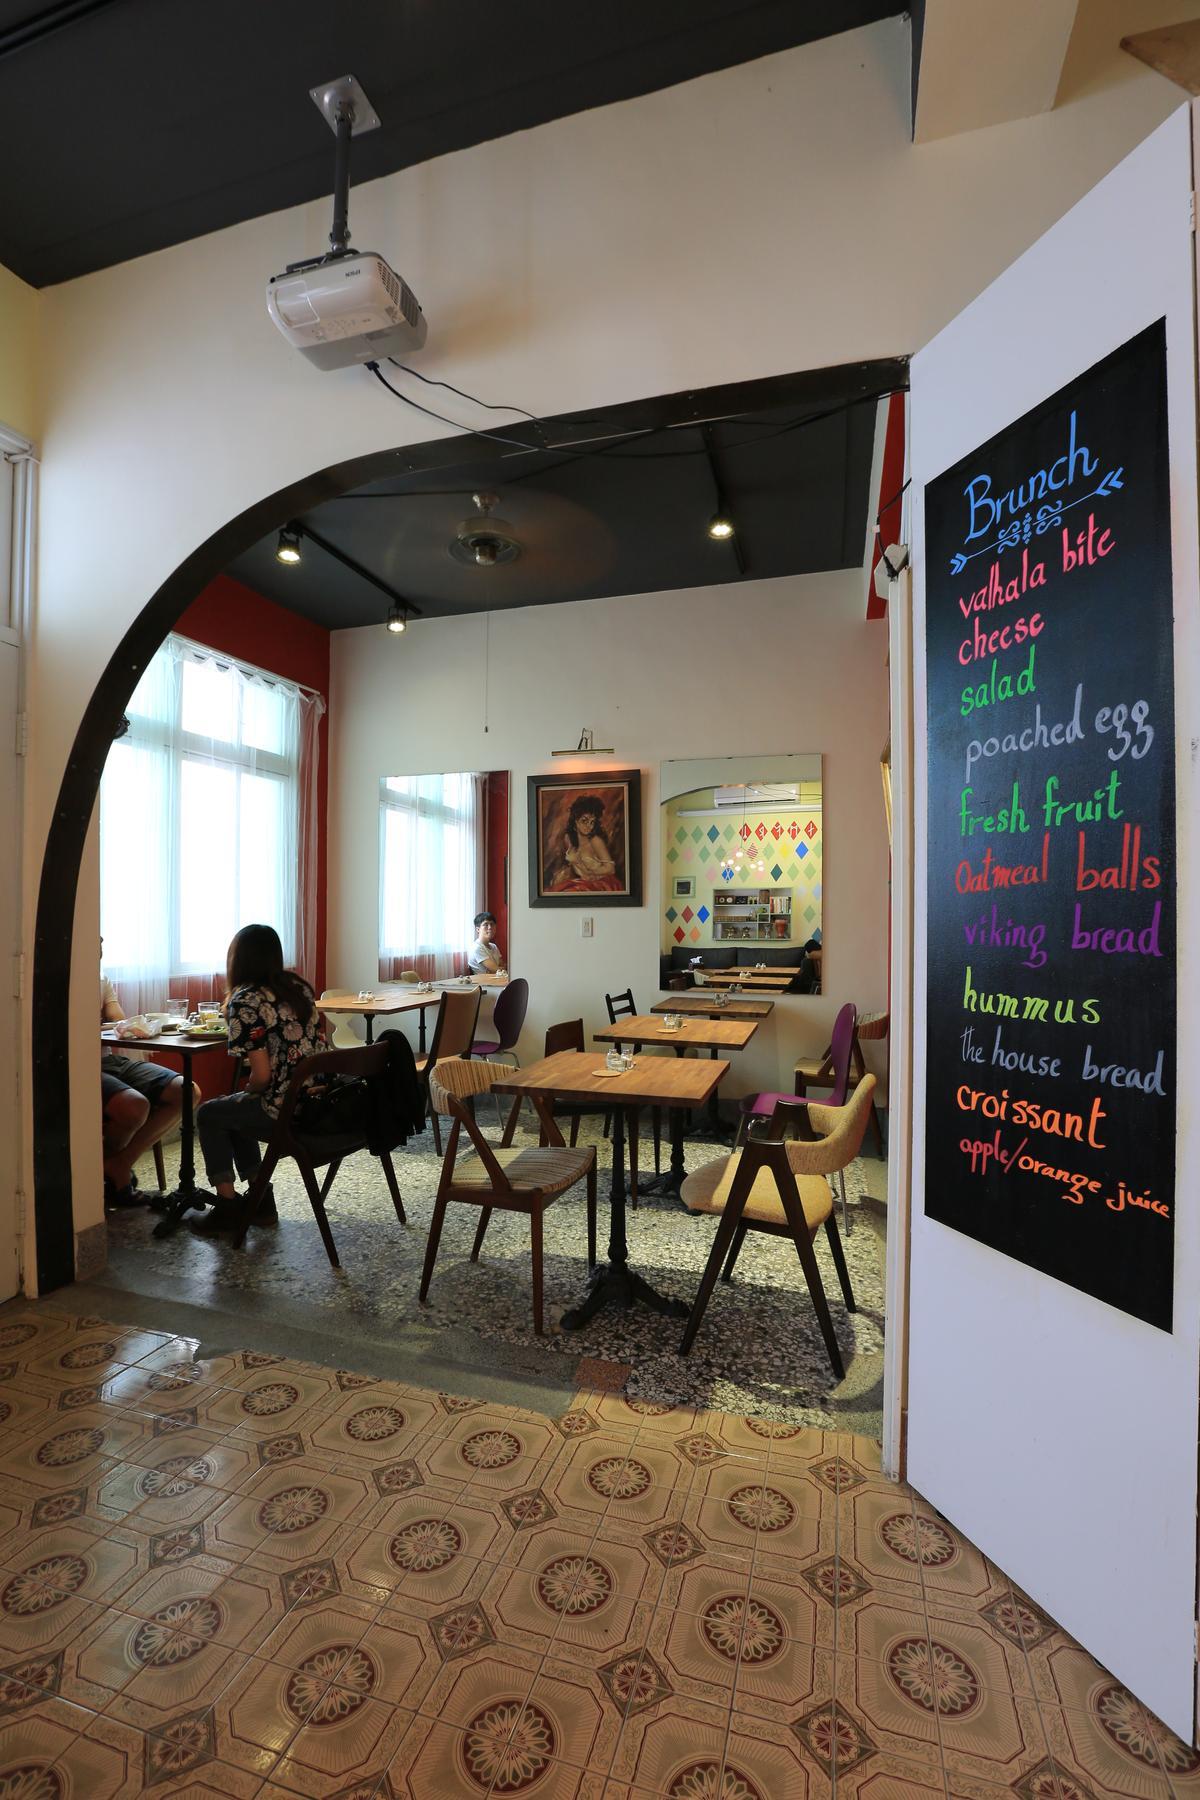 餐廳空間打破牆面,D形弧度呼應Danish。